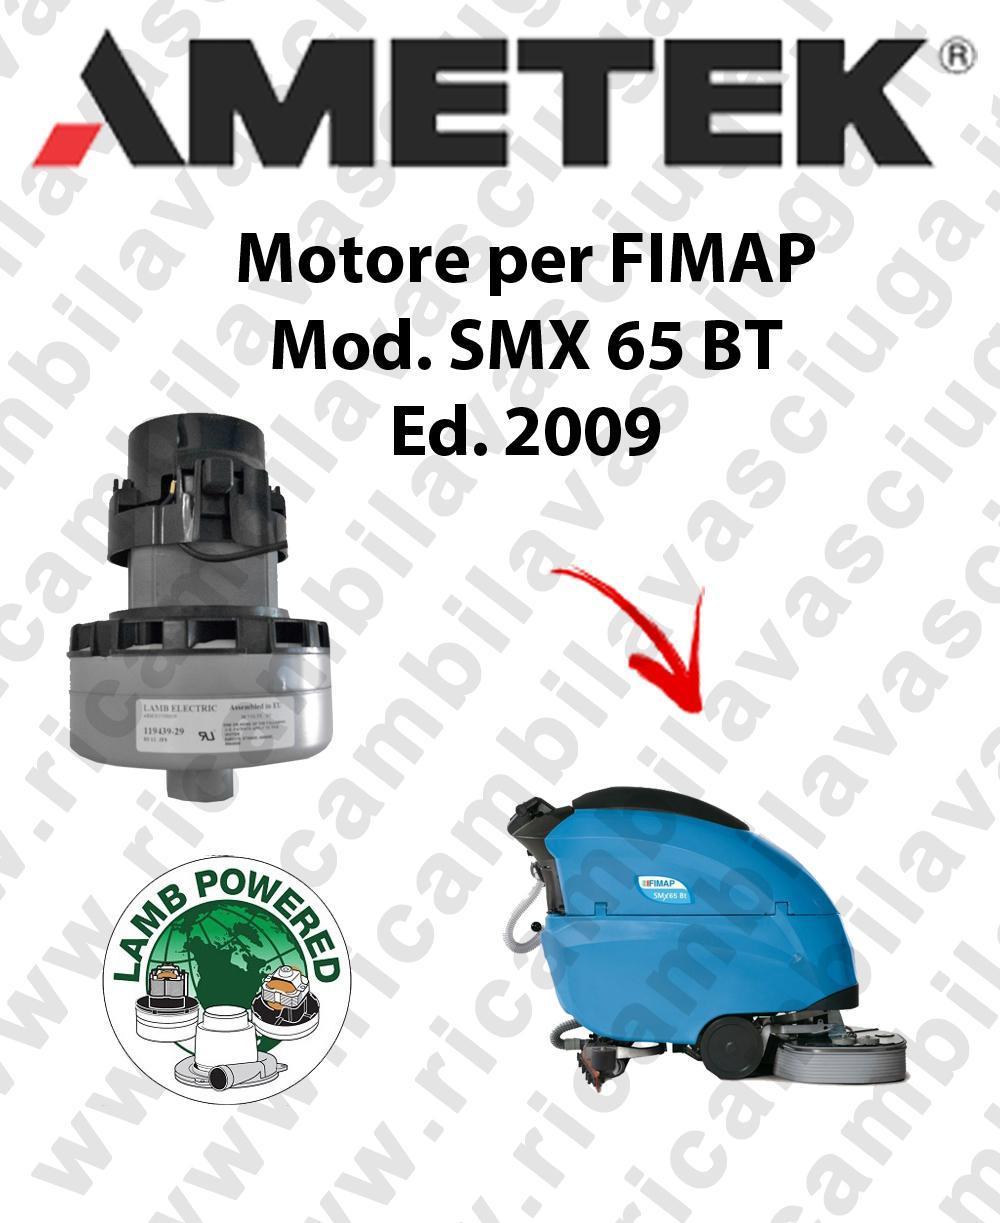 SMx 65 Bt MOTEUR ASPIRATION AMETEK autolaveuses Fimap